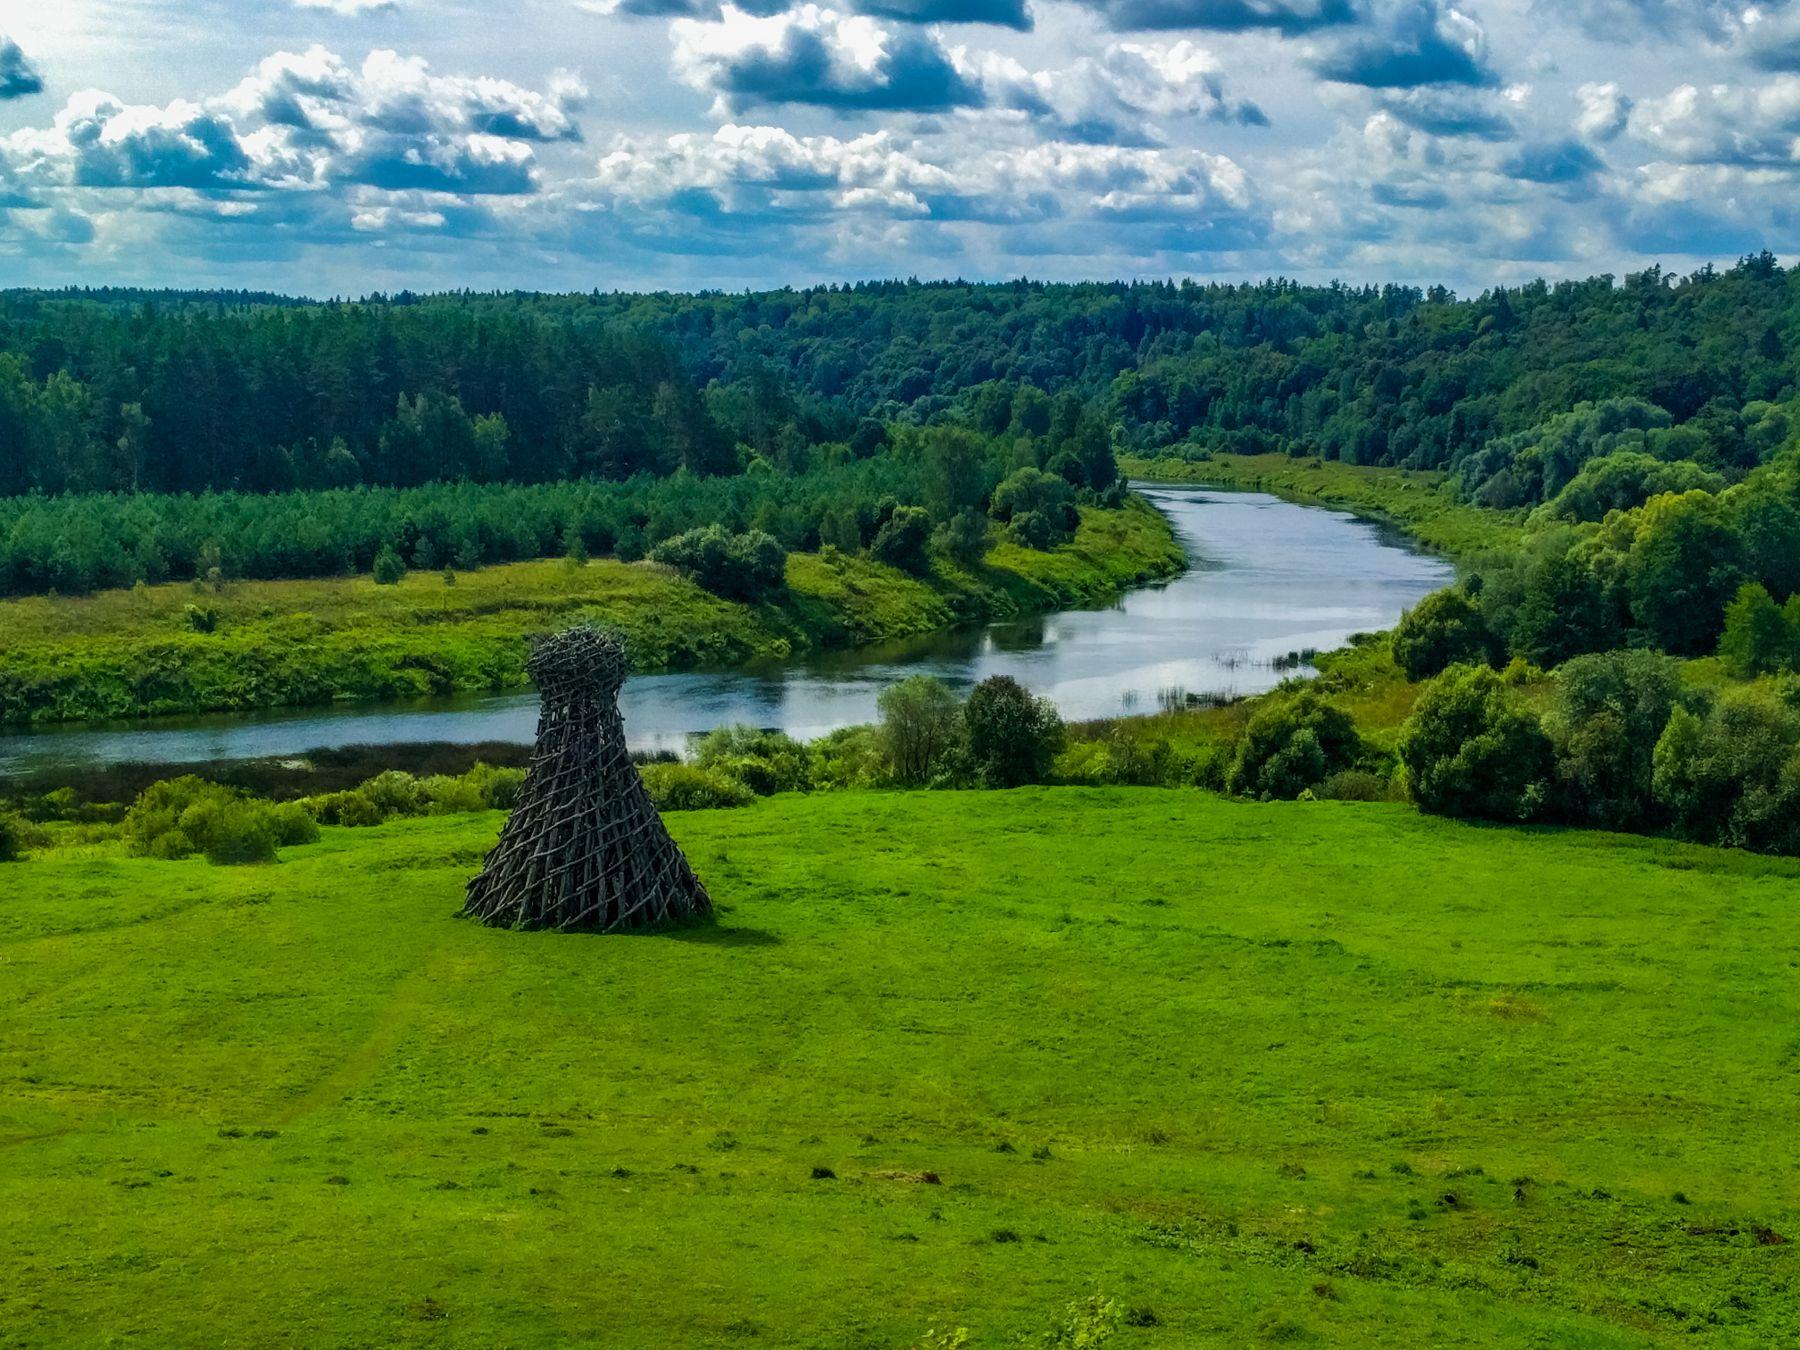 Маяк на Угре маяк природа арт-парк пейзаж река угра путешествие деревья трава строение